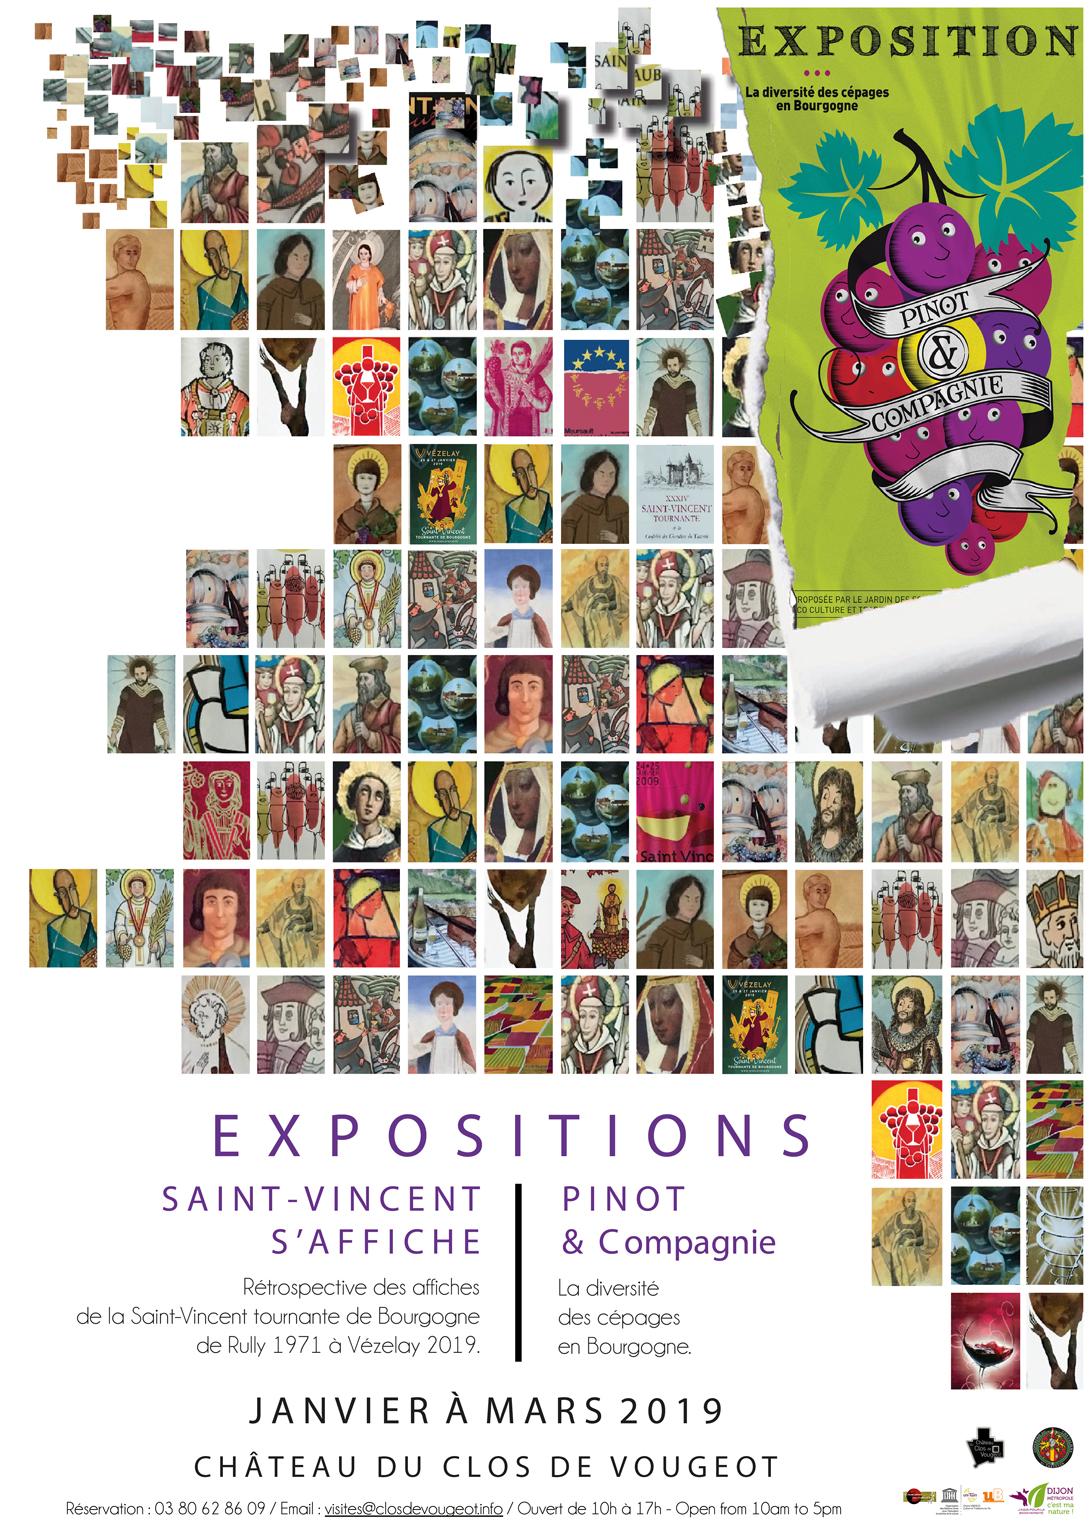 Cépages et saints Vincent s'affichent au Clos de Vougeot